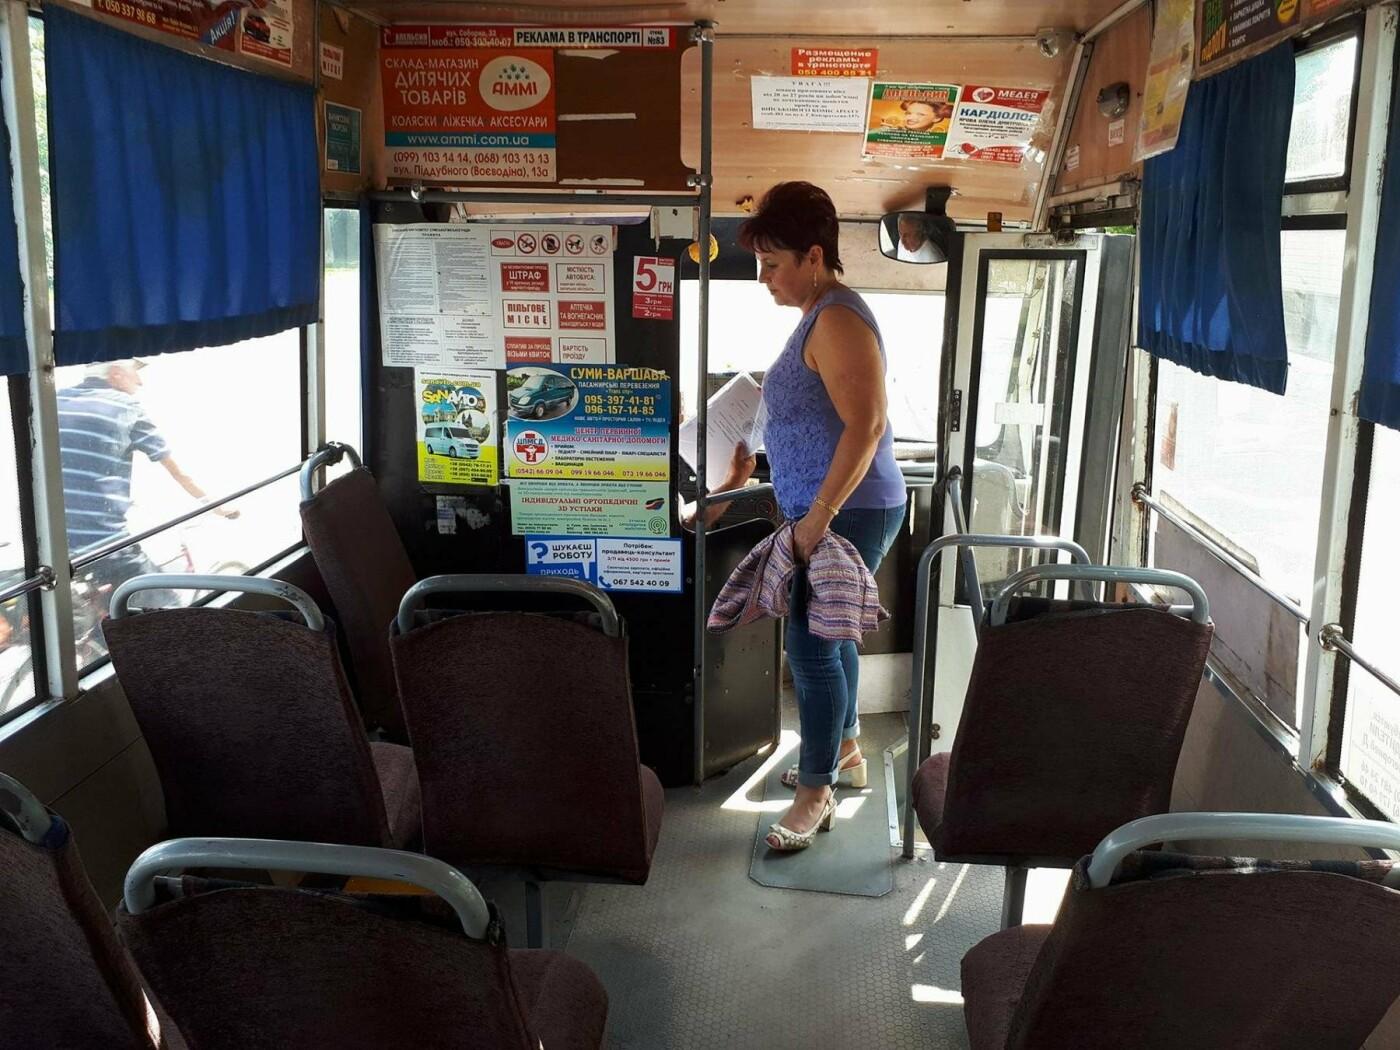 Временная транспортная комиссия завершила повторную проверку частных перевозчиков в Сумах, фото-7